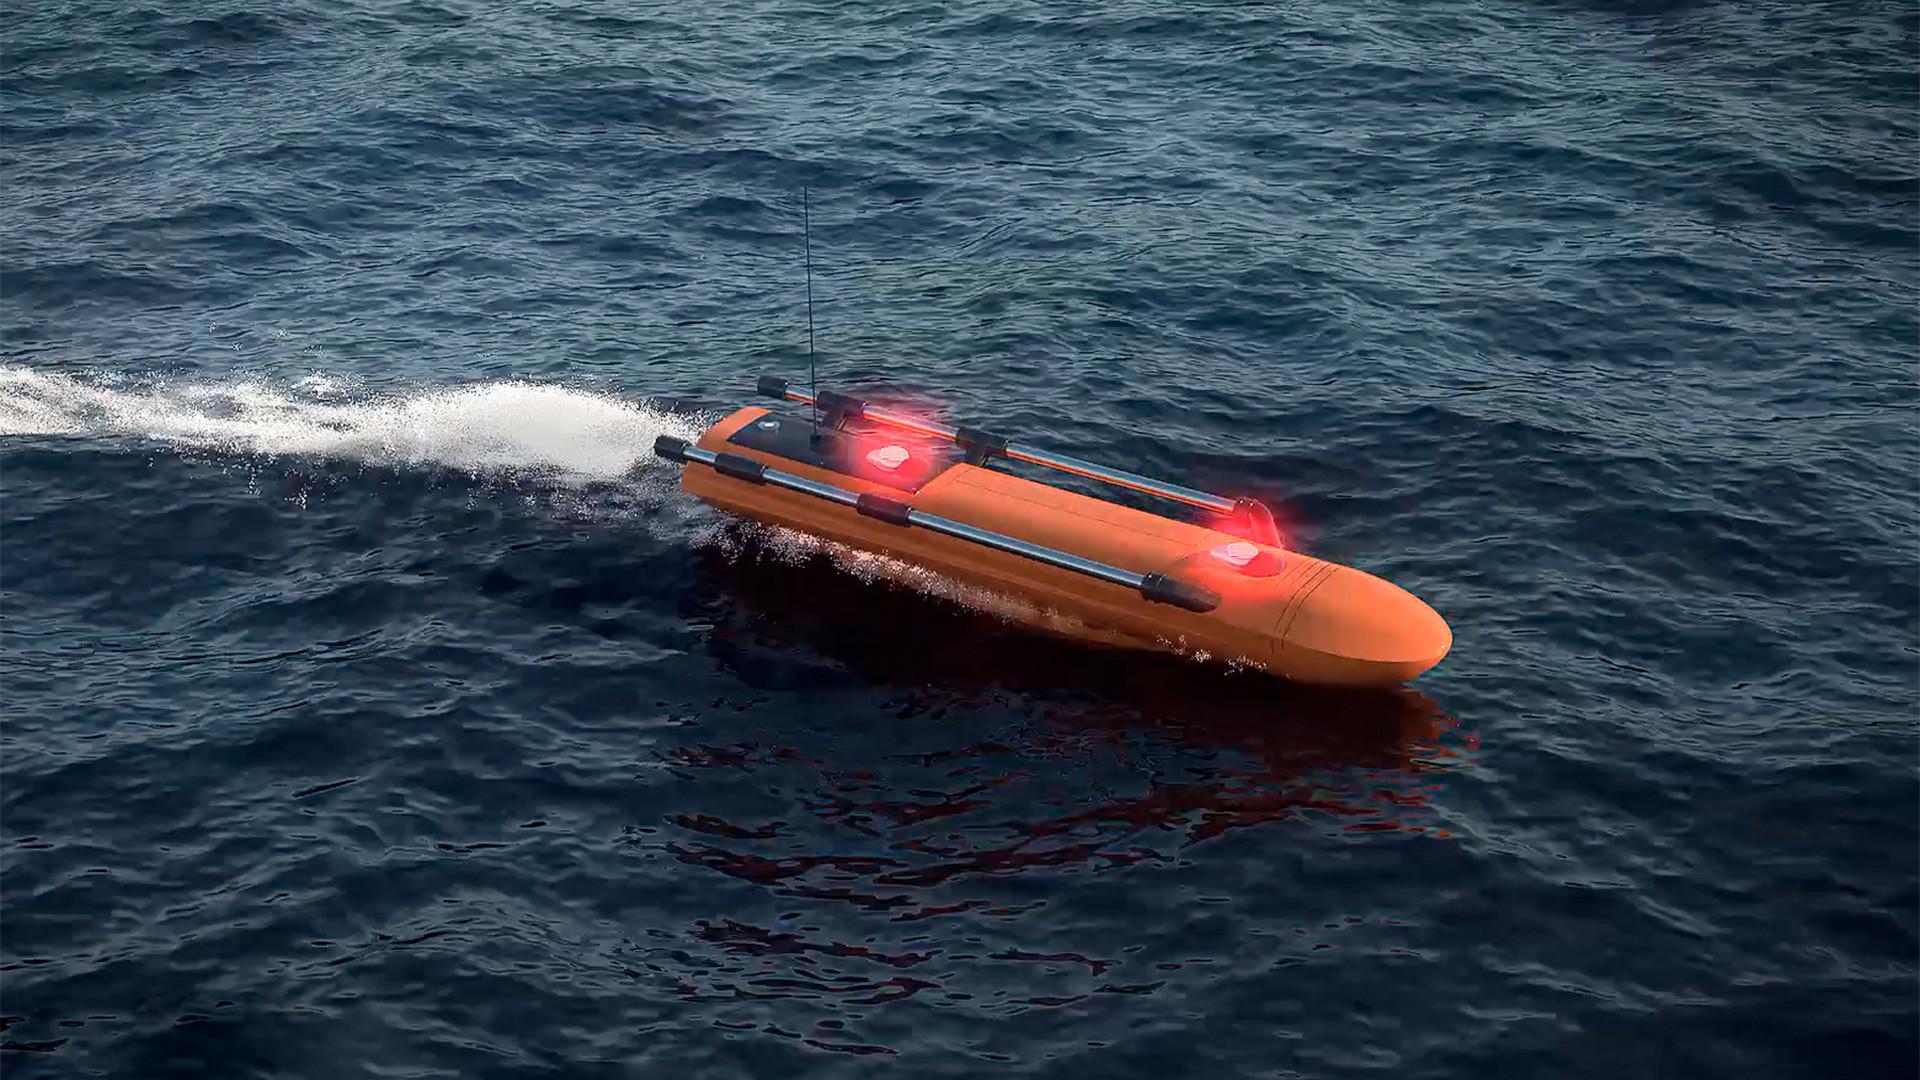 捜索・救出無人機「アヴローラ」